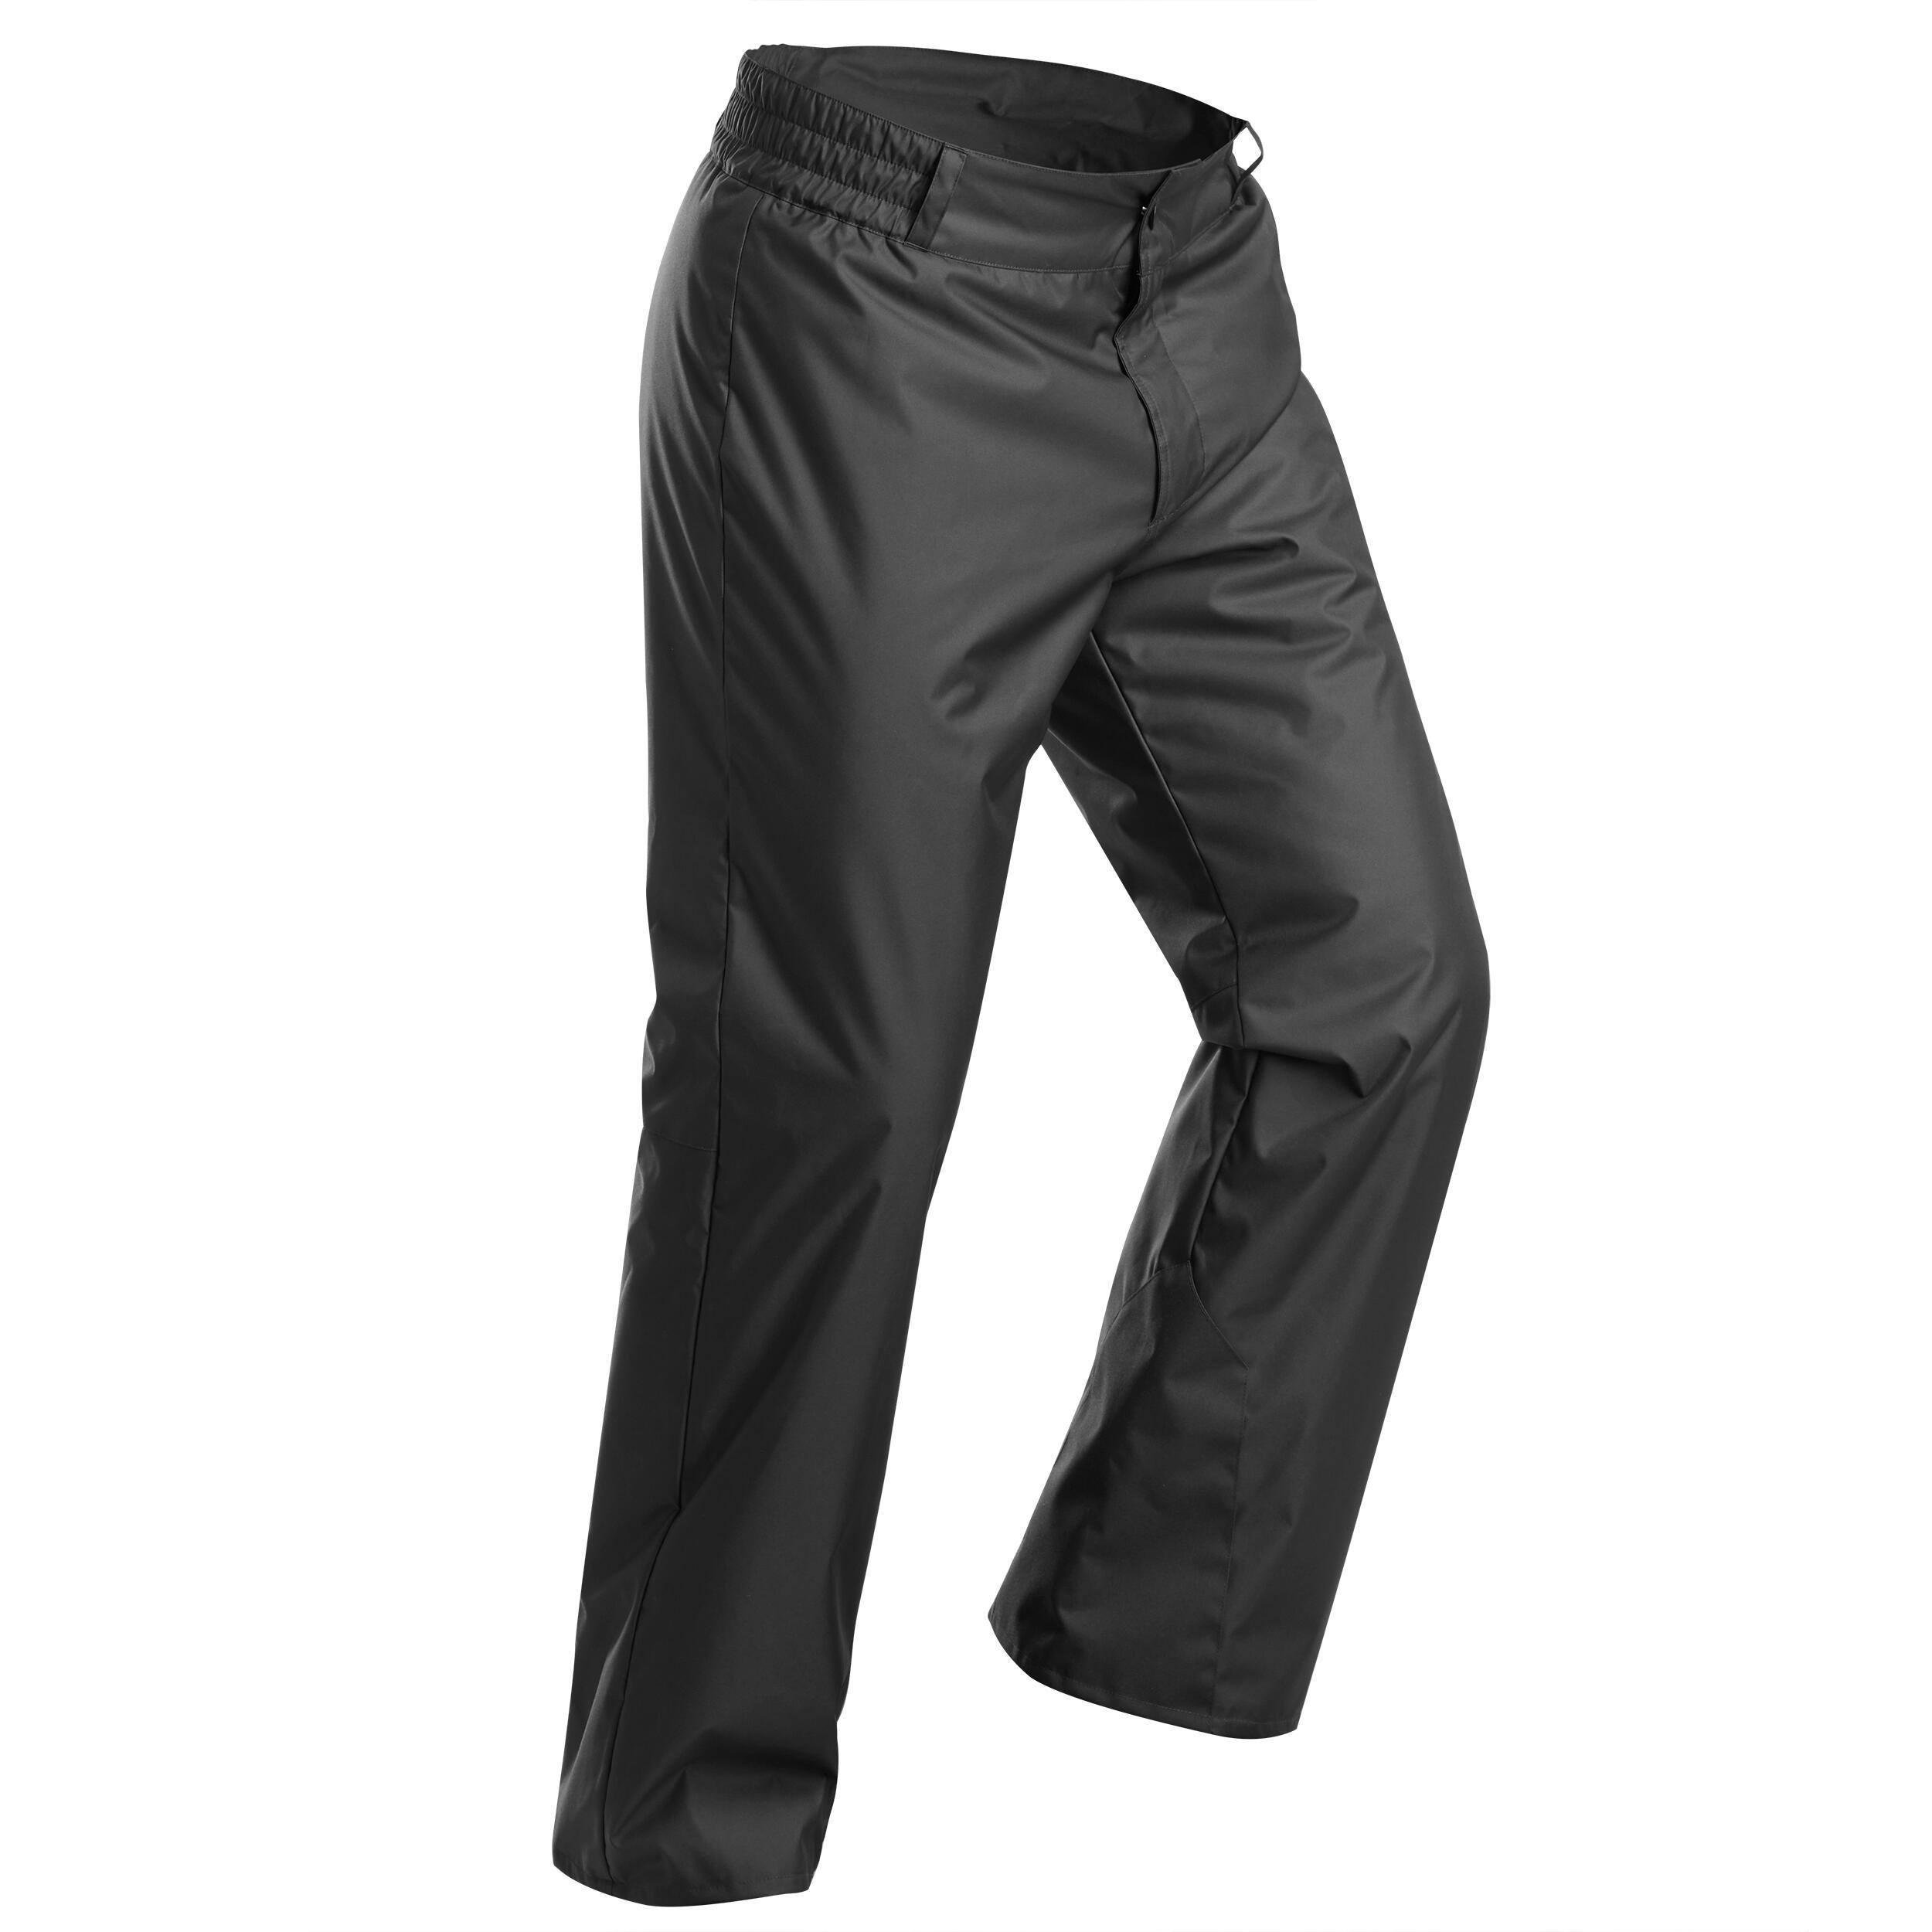 Pantalon Schi 100 Bărbați imagine